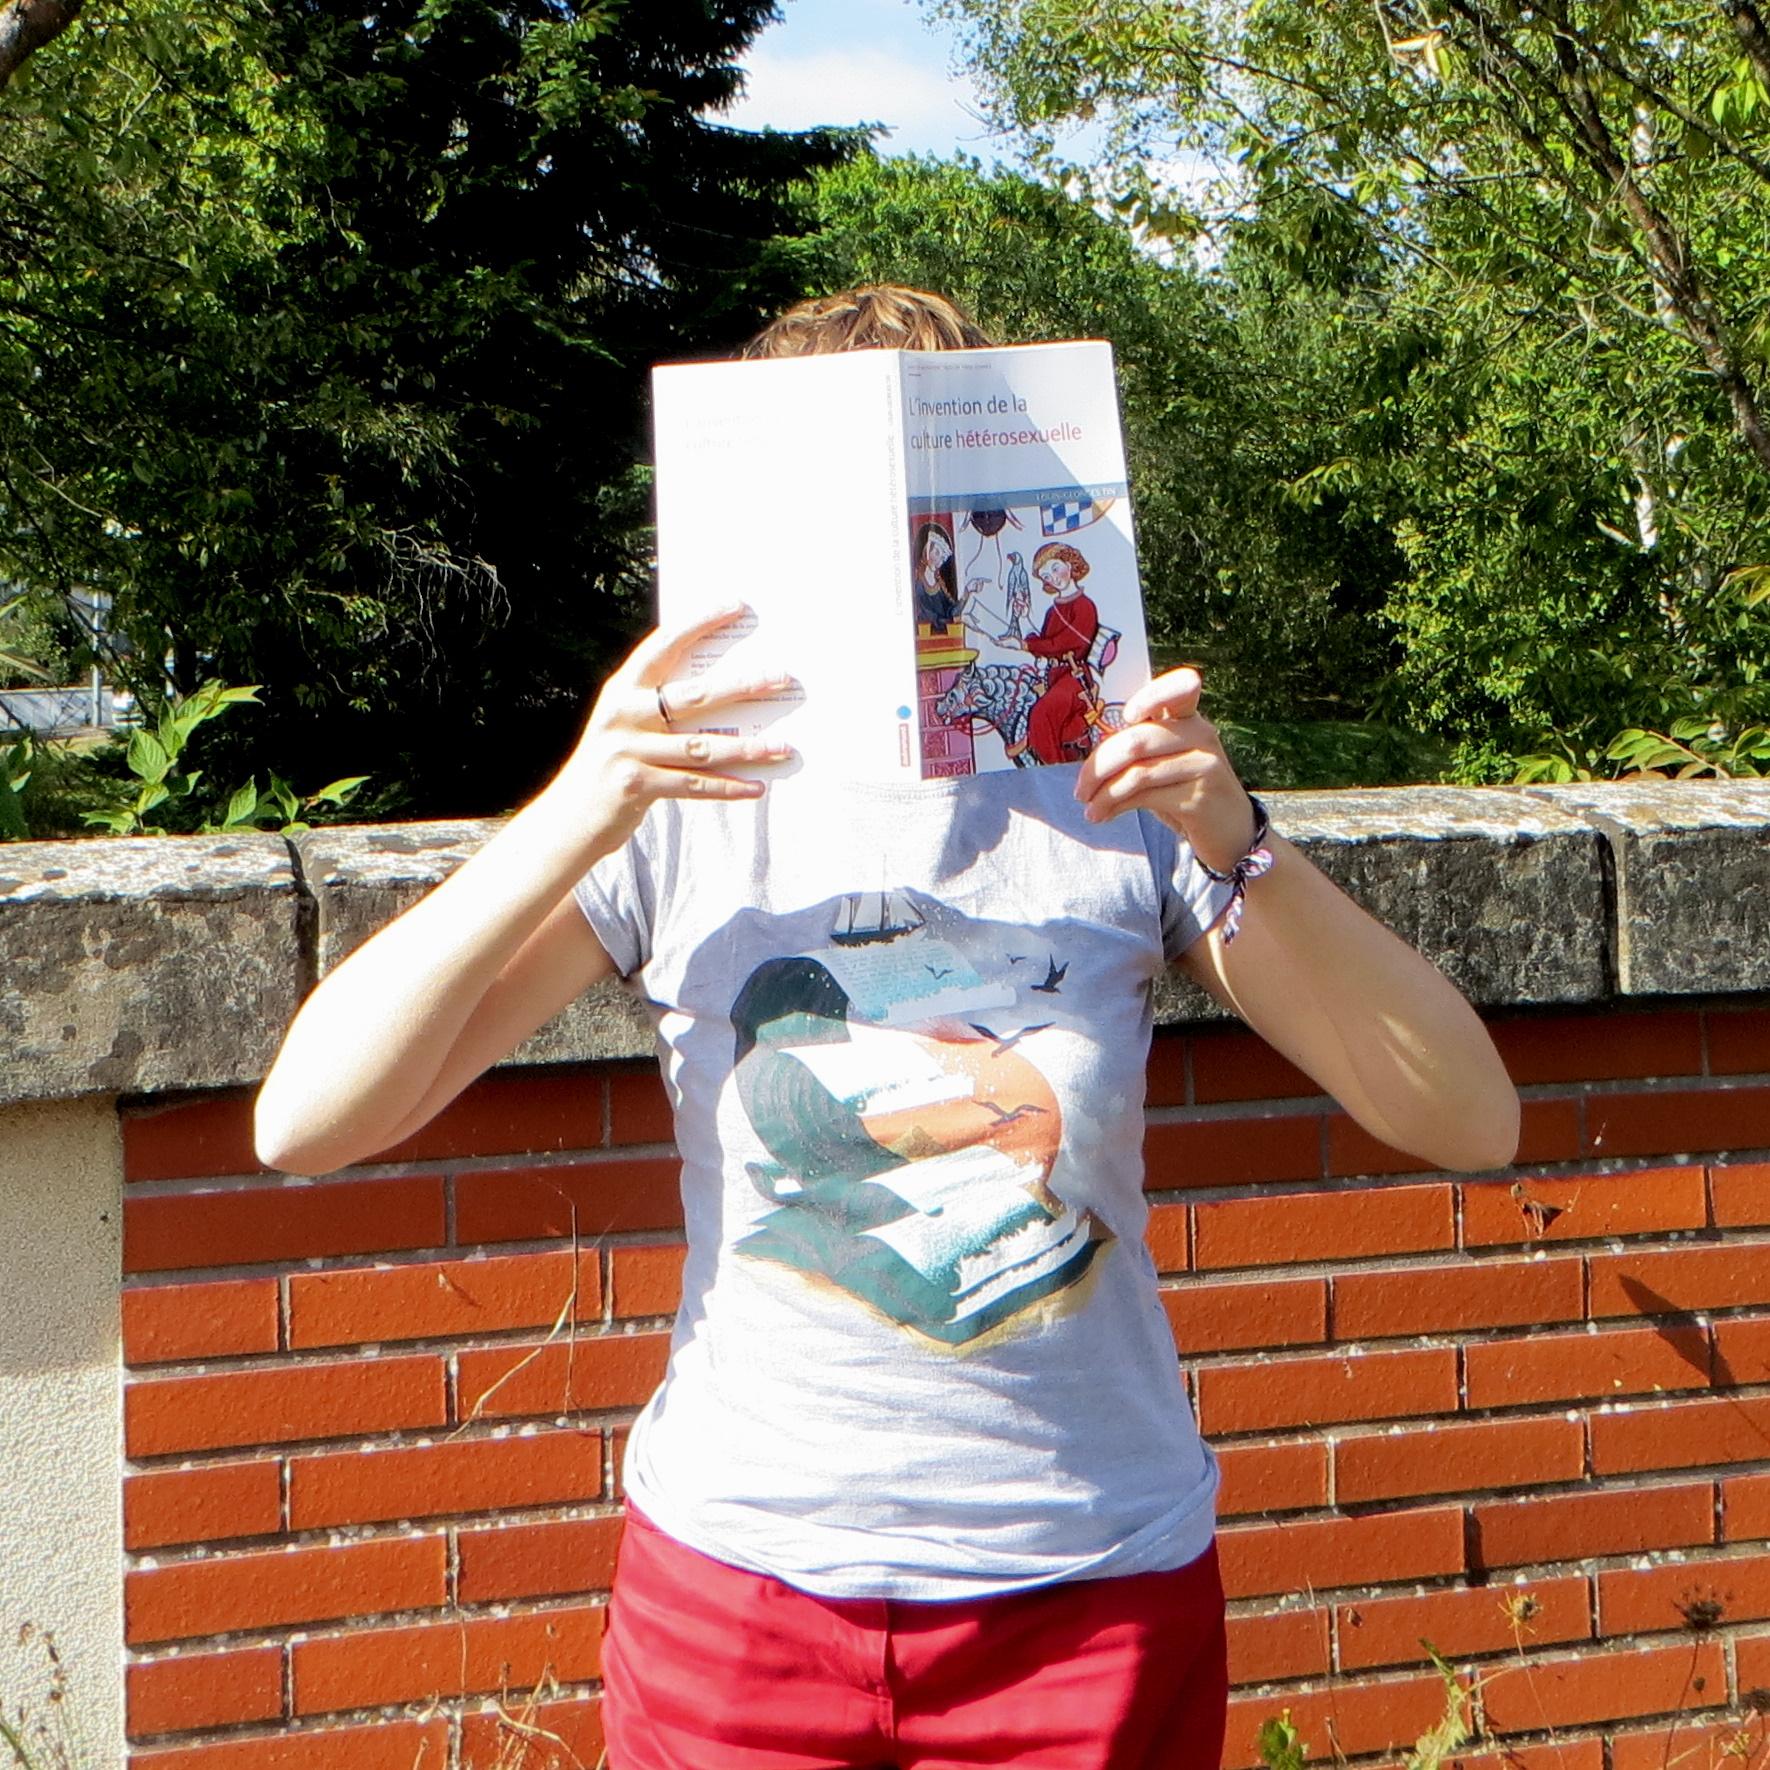 personne en t-shirt littéraire lisant L'invention de la Culture Hétérosexuelle de Louis-Georges Tin devant un pont de briques